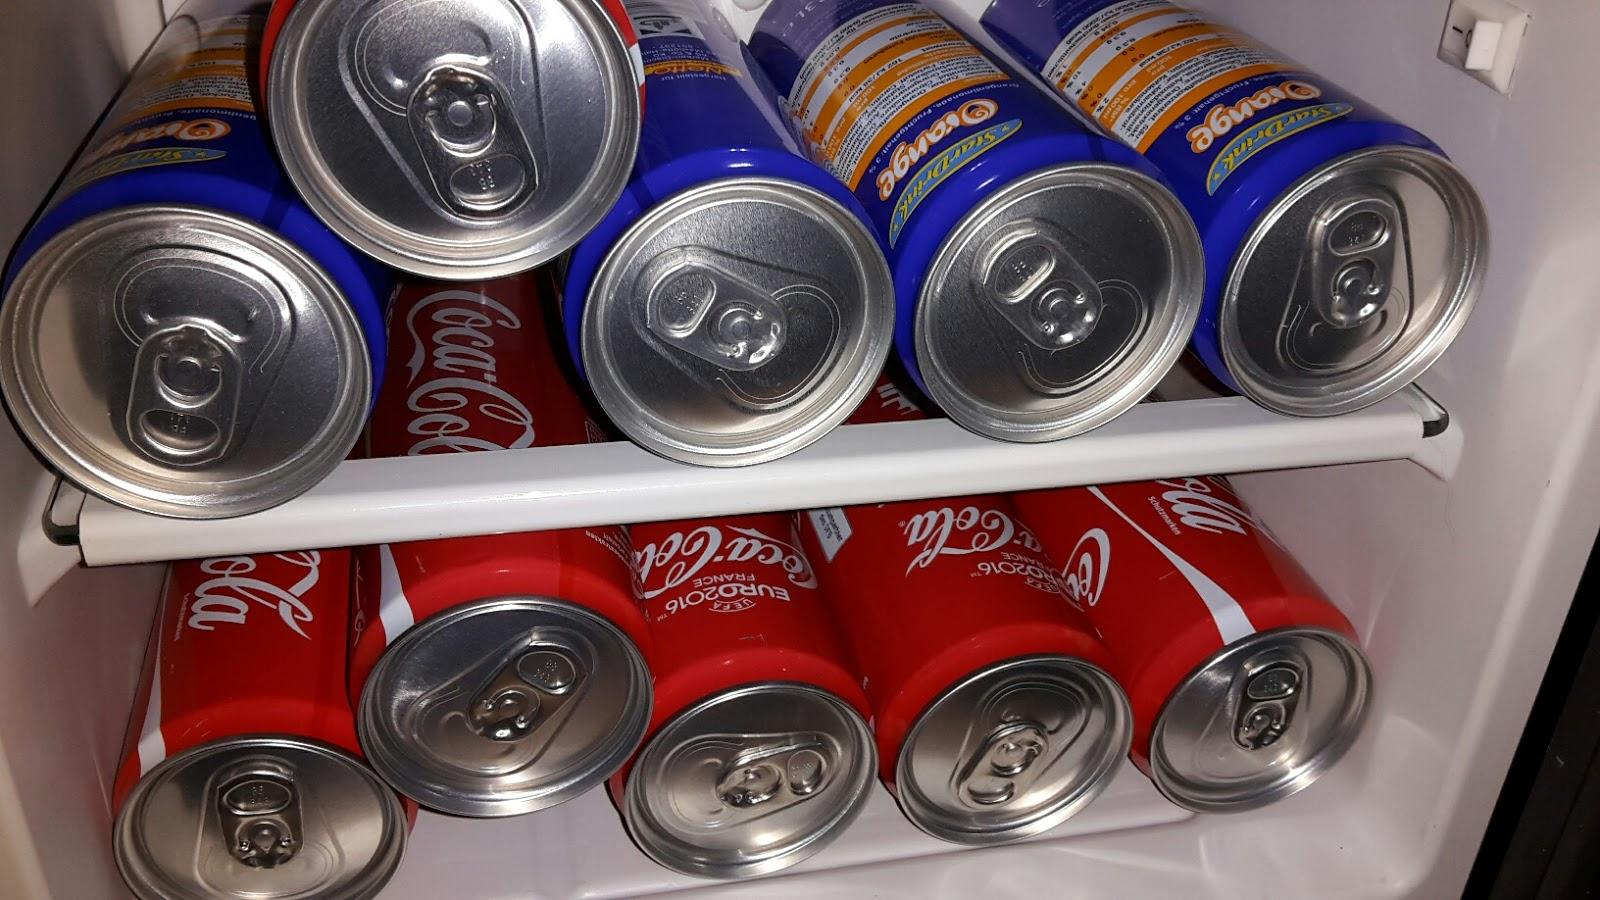 Red Bull Kühlschrank Mini Temperatur Einstellen : Monas blog: klarstein frosty mini kühlschrank 10 liter 65w klasse